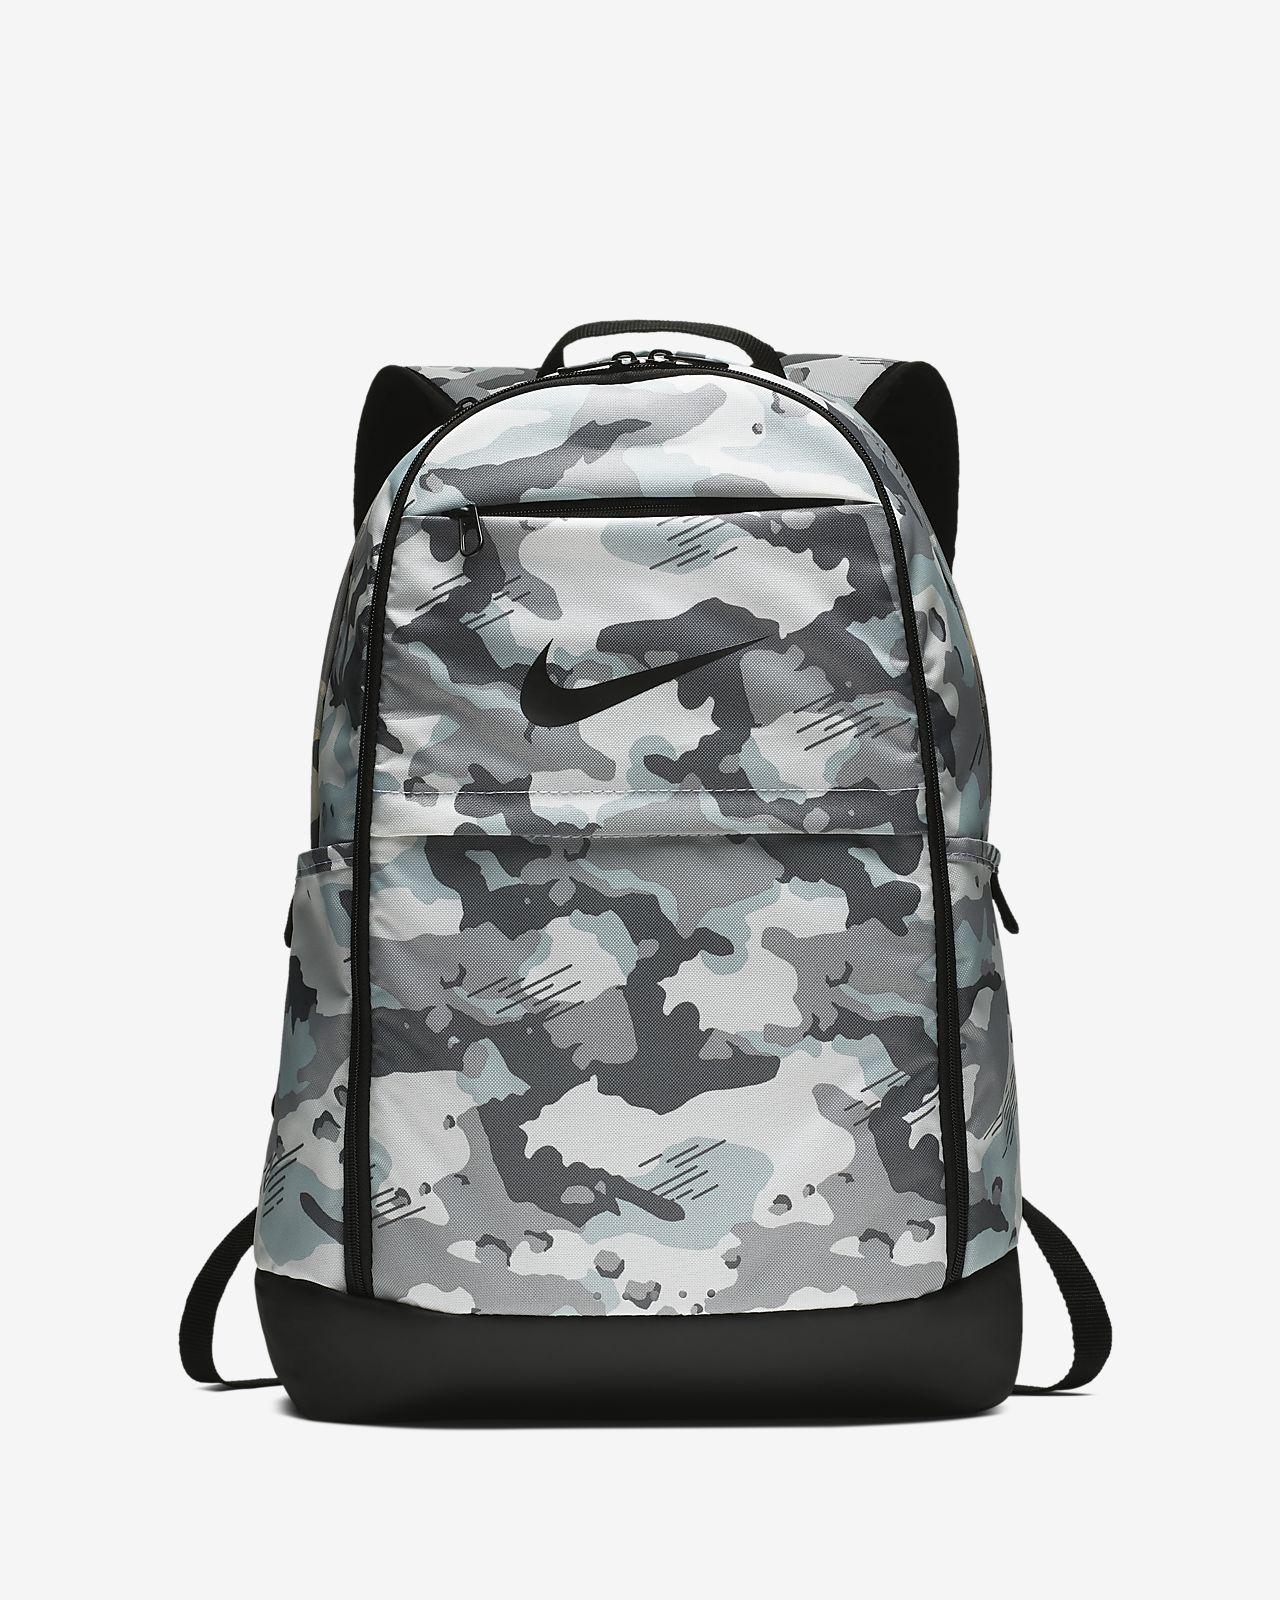 6fbc6cb4f274 Nike Brasilia Training Backpack (Extra Large). Nike.com IN